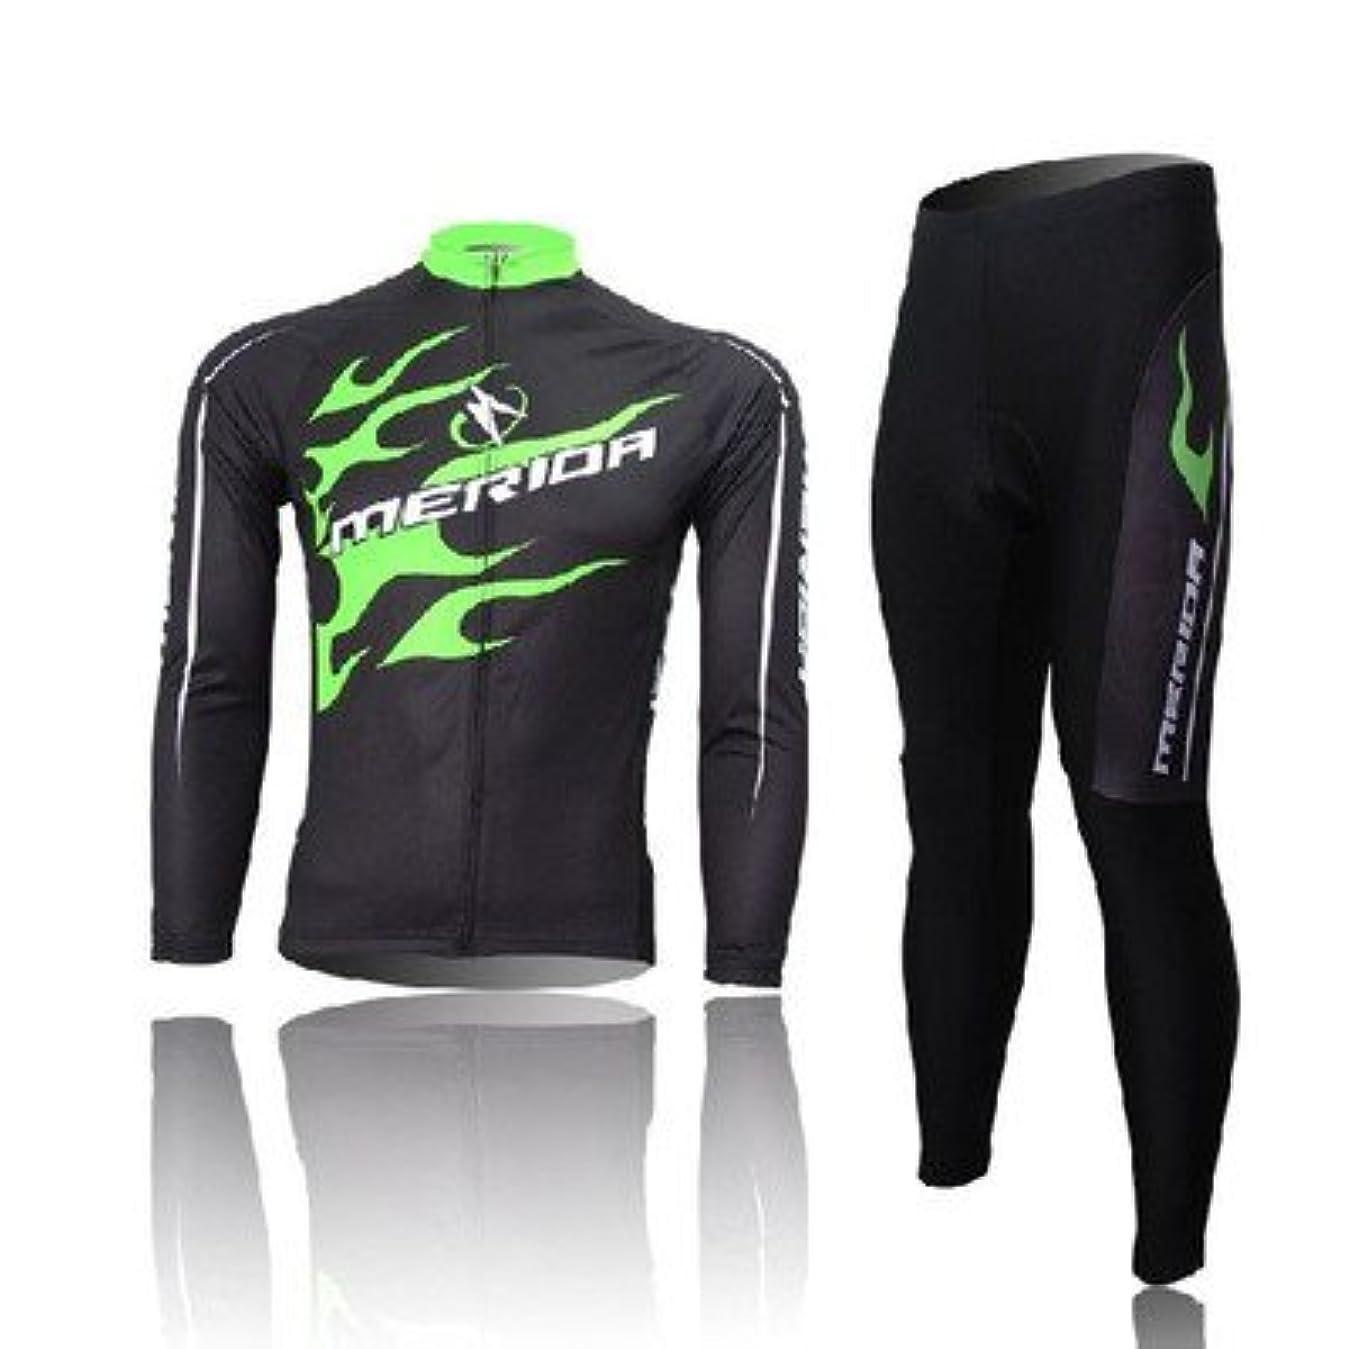 あいまいな斧愛するサイクルウェア 自転車ジャージ 長袖 内側薄起毛タイプ 上下セット パンツモデル